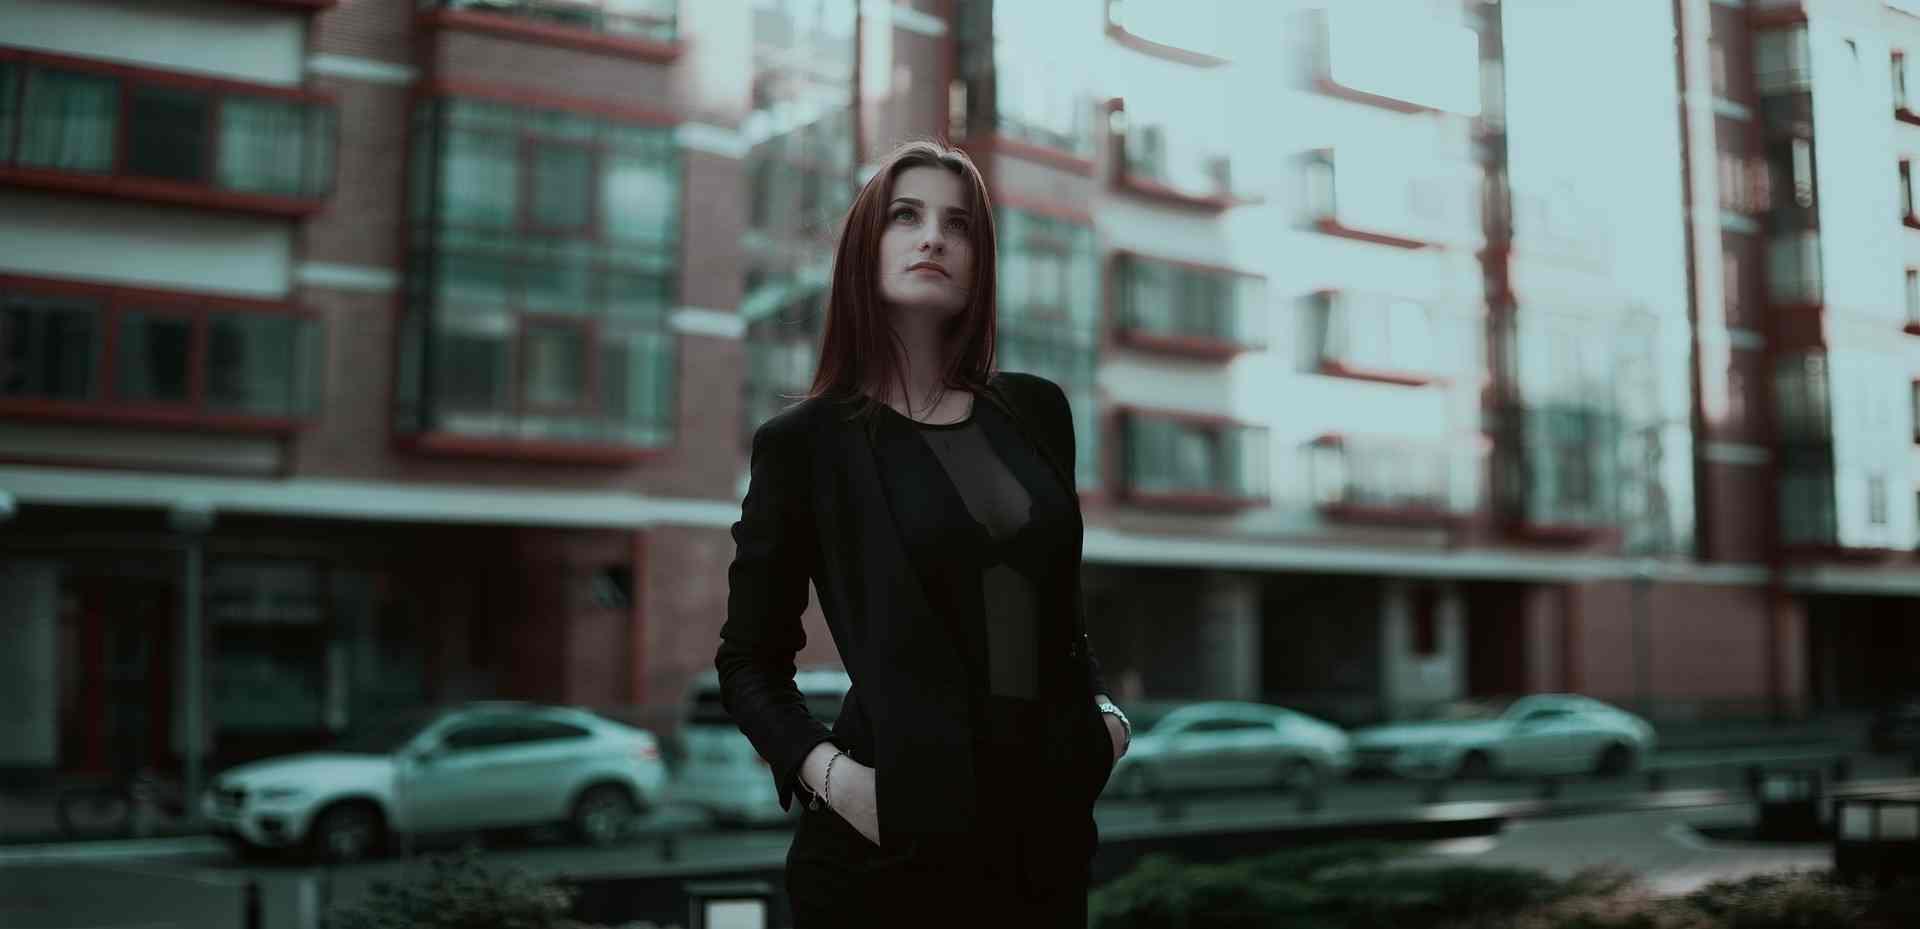 Foto de la noticia Consideraciones a la hora de acudir al trabajo con tu vestuario laboral :: Grupo Anjo, Uniformes de Moda, Diseños exclusivos indumentaria laboral